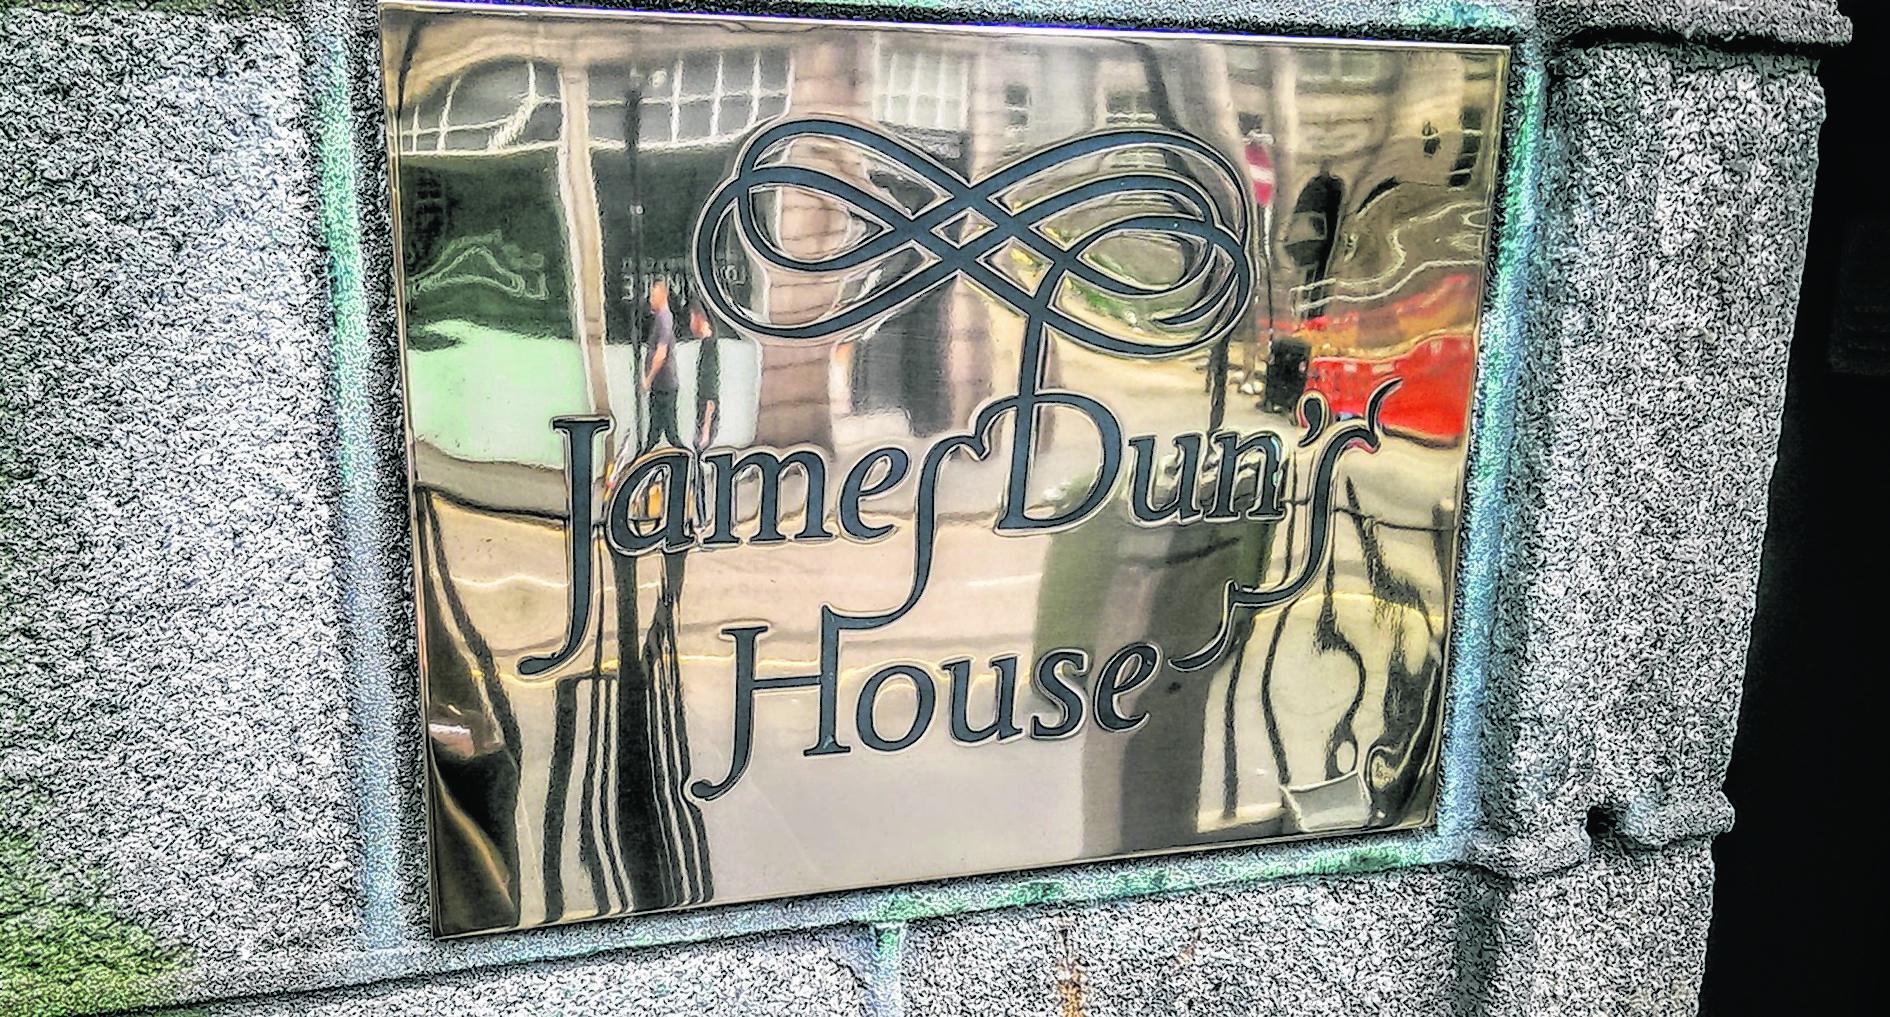 James Dunn House